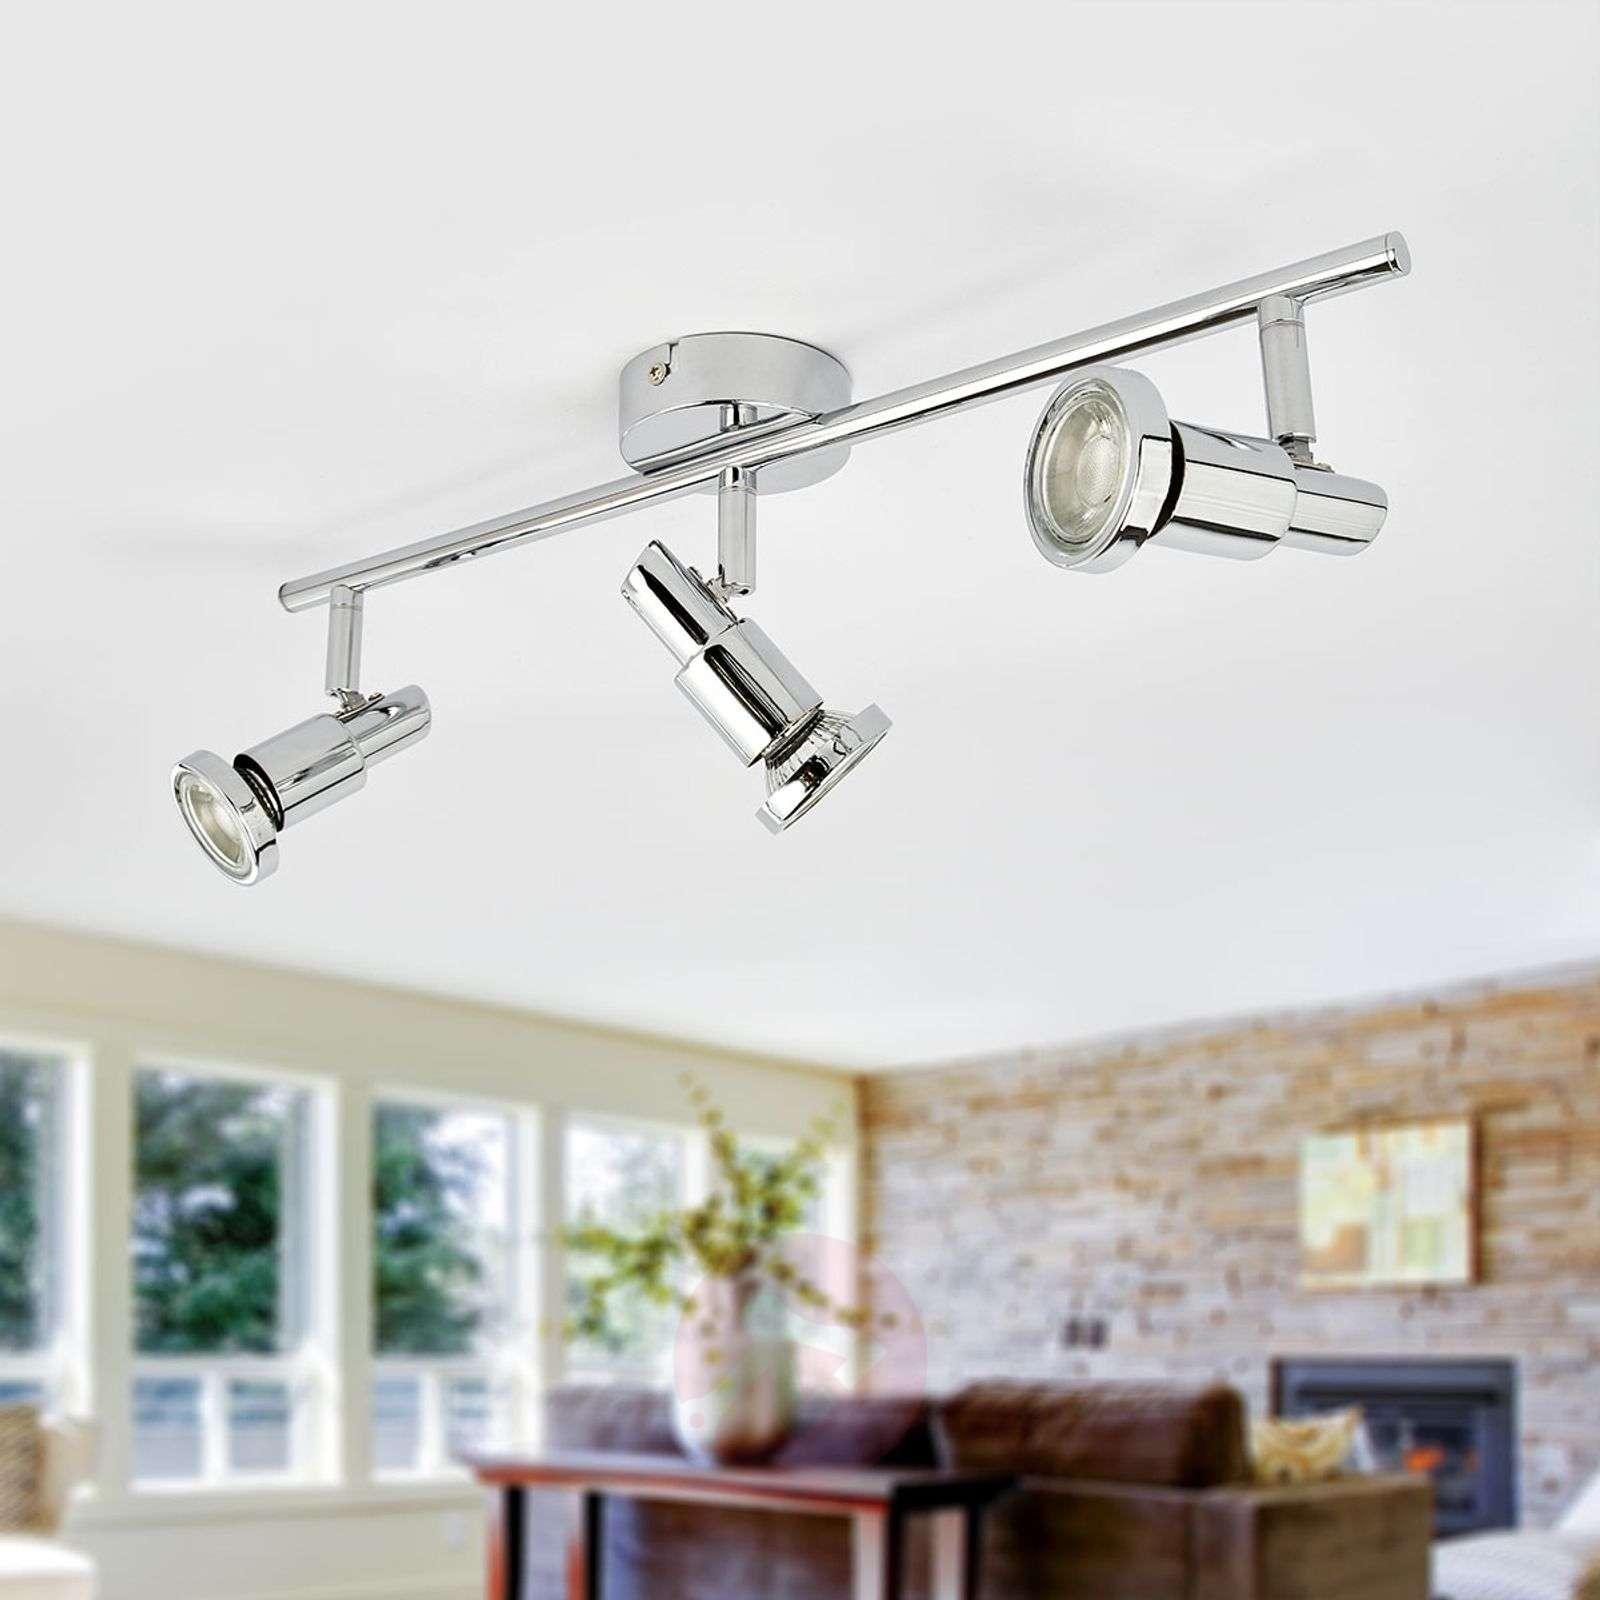 Glossy chrome LED ceiling lamp Thom, GU10-9954013-02